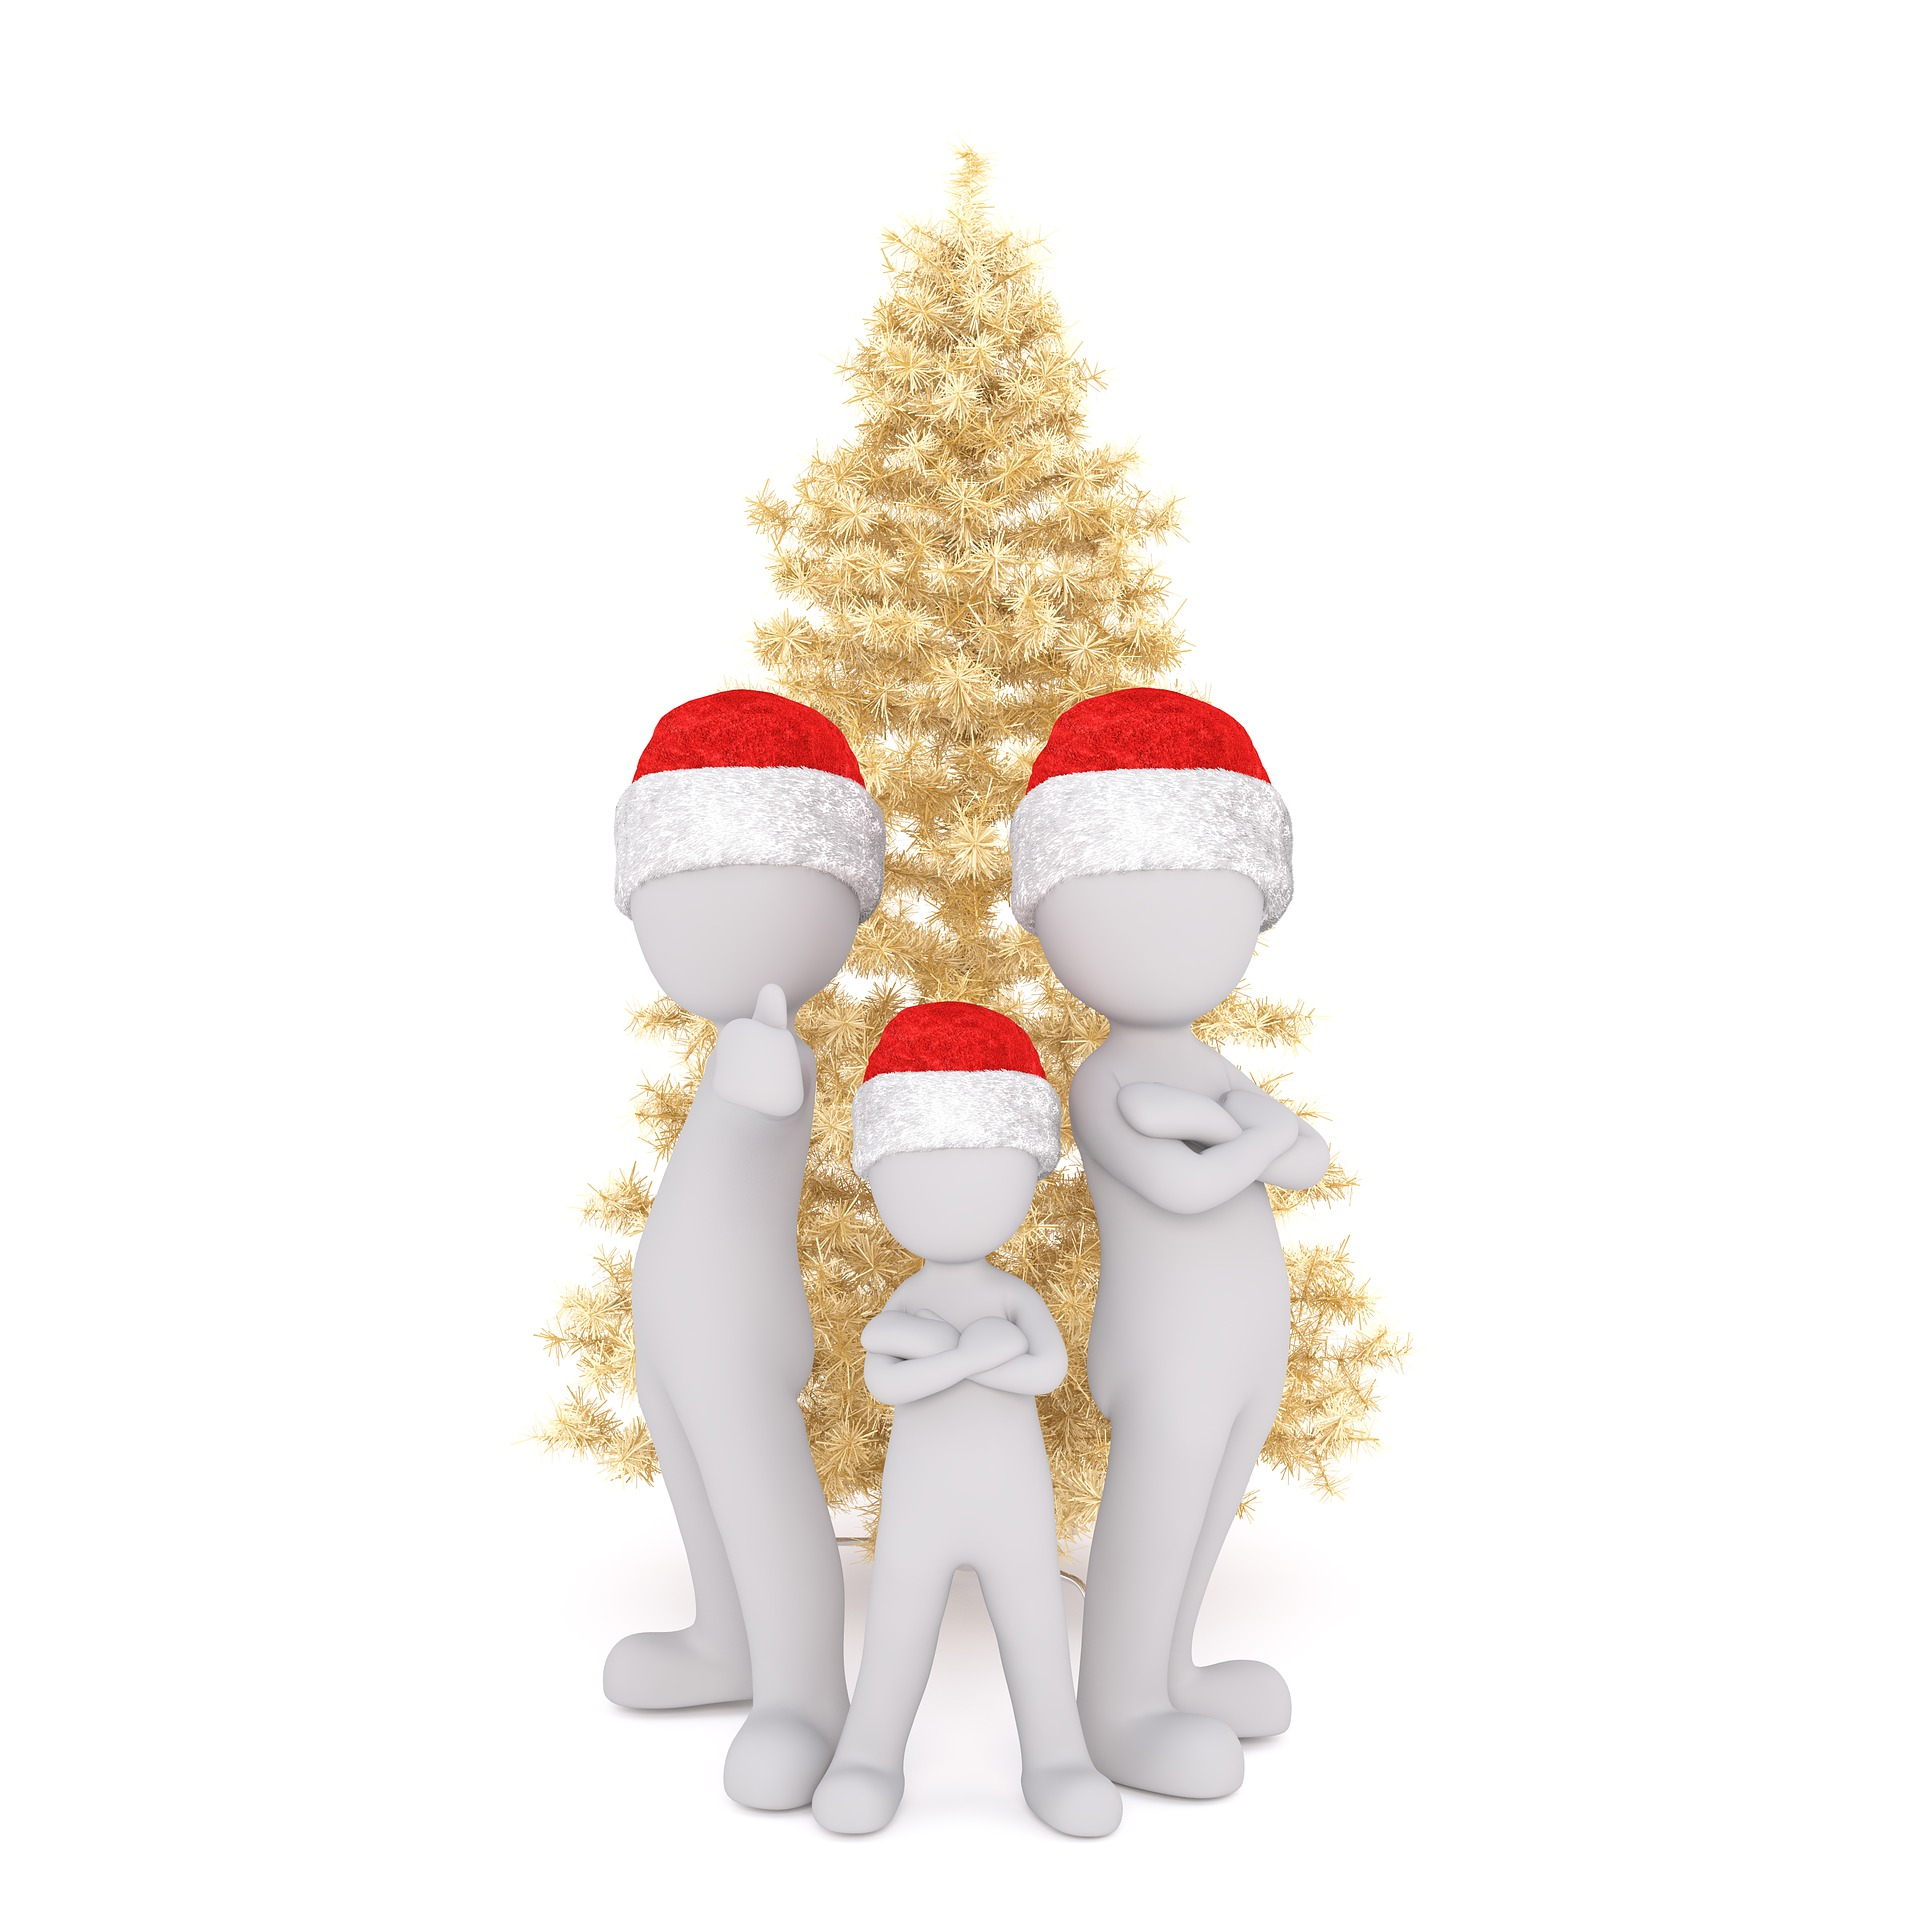 En familia o con amigos, tú eliges con quién pasar la Navidad